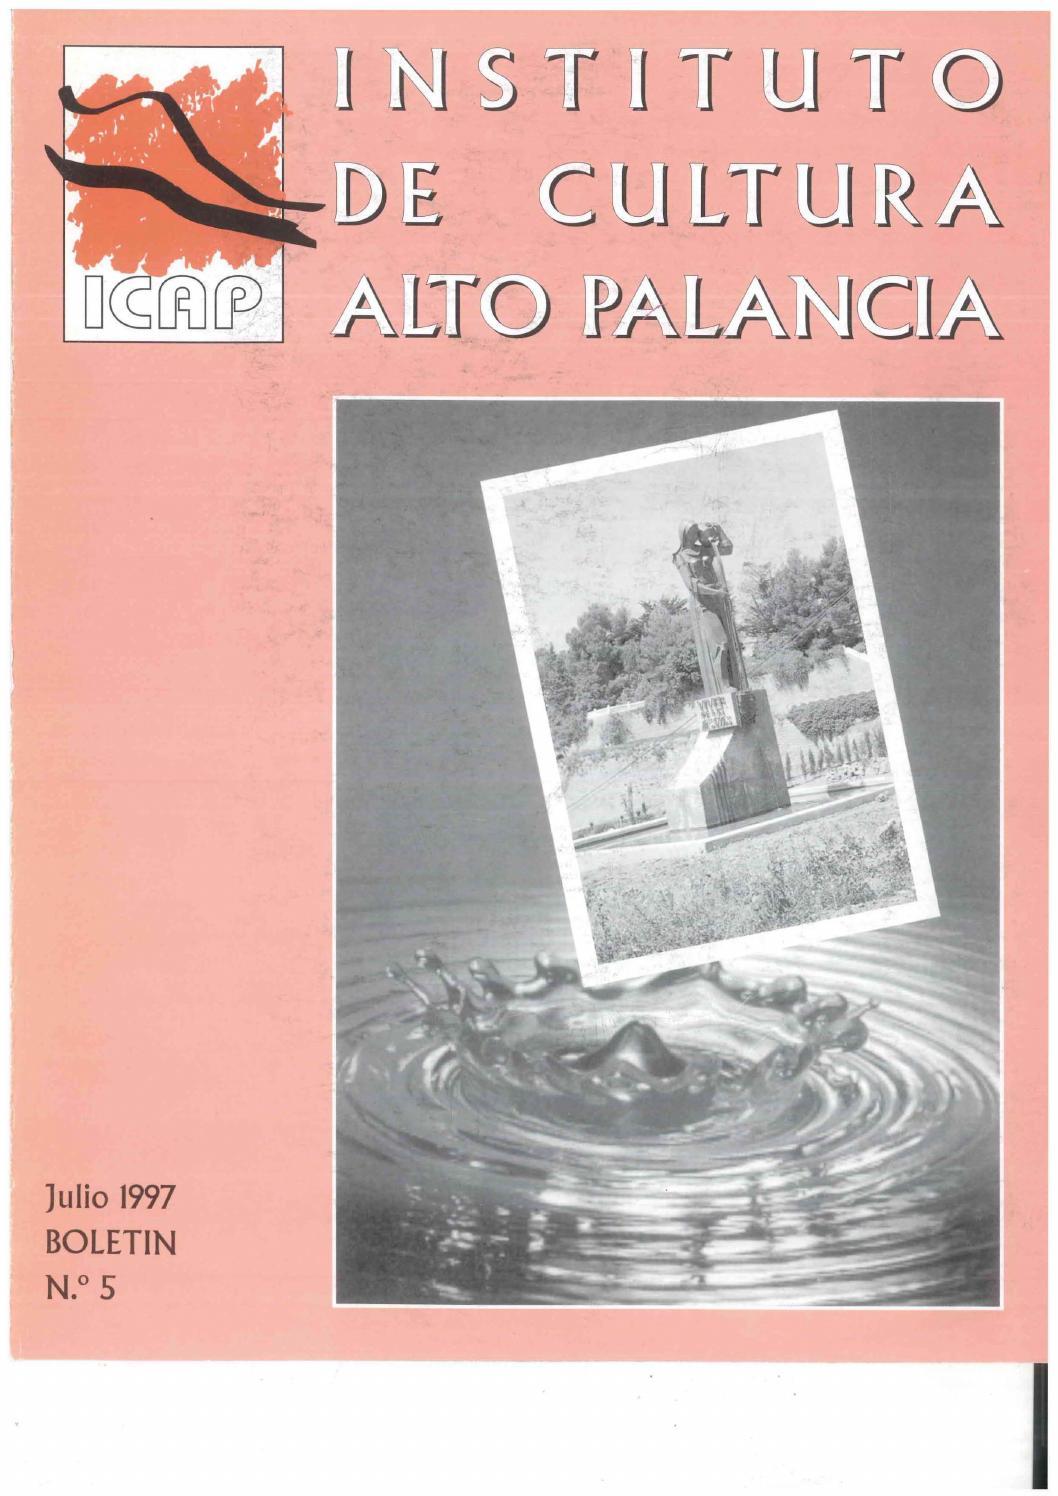 Bolet N 3 Del Instituto De Cultura Del Alto Palancia Julio 1996  # Muebles Tina Calamocha